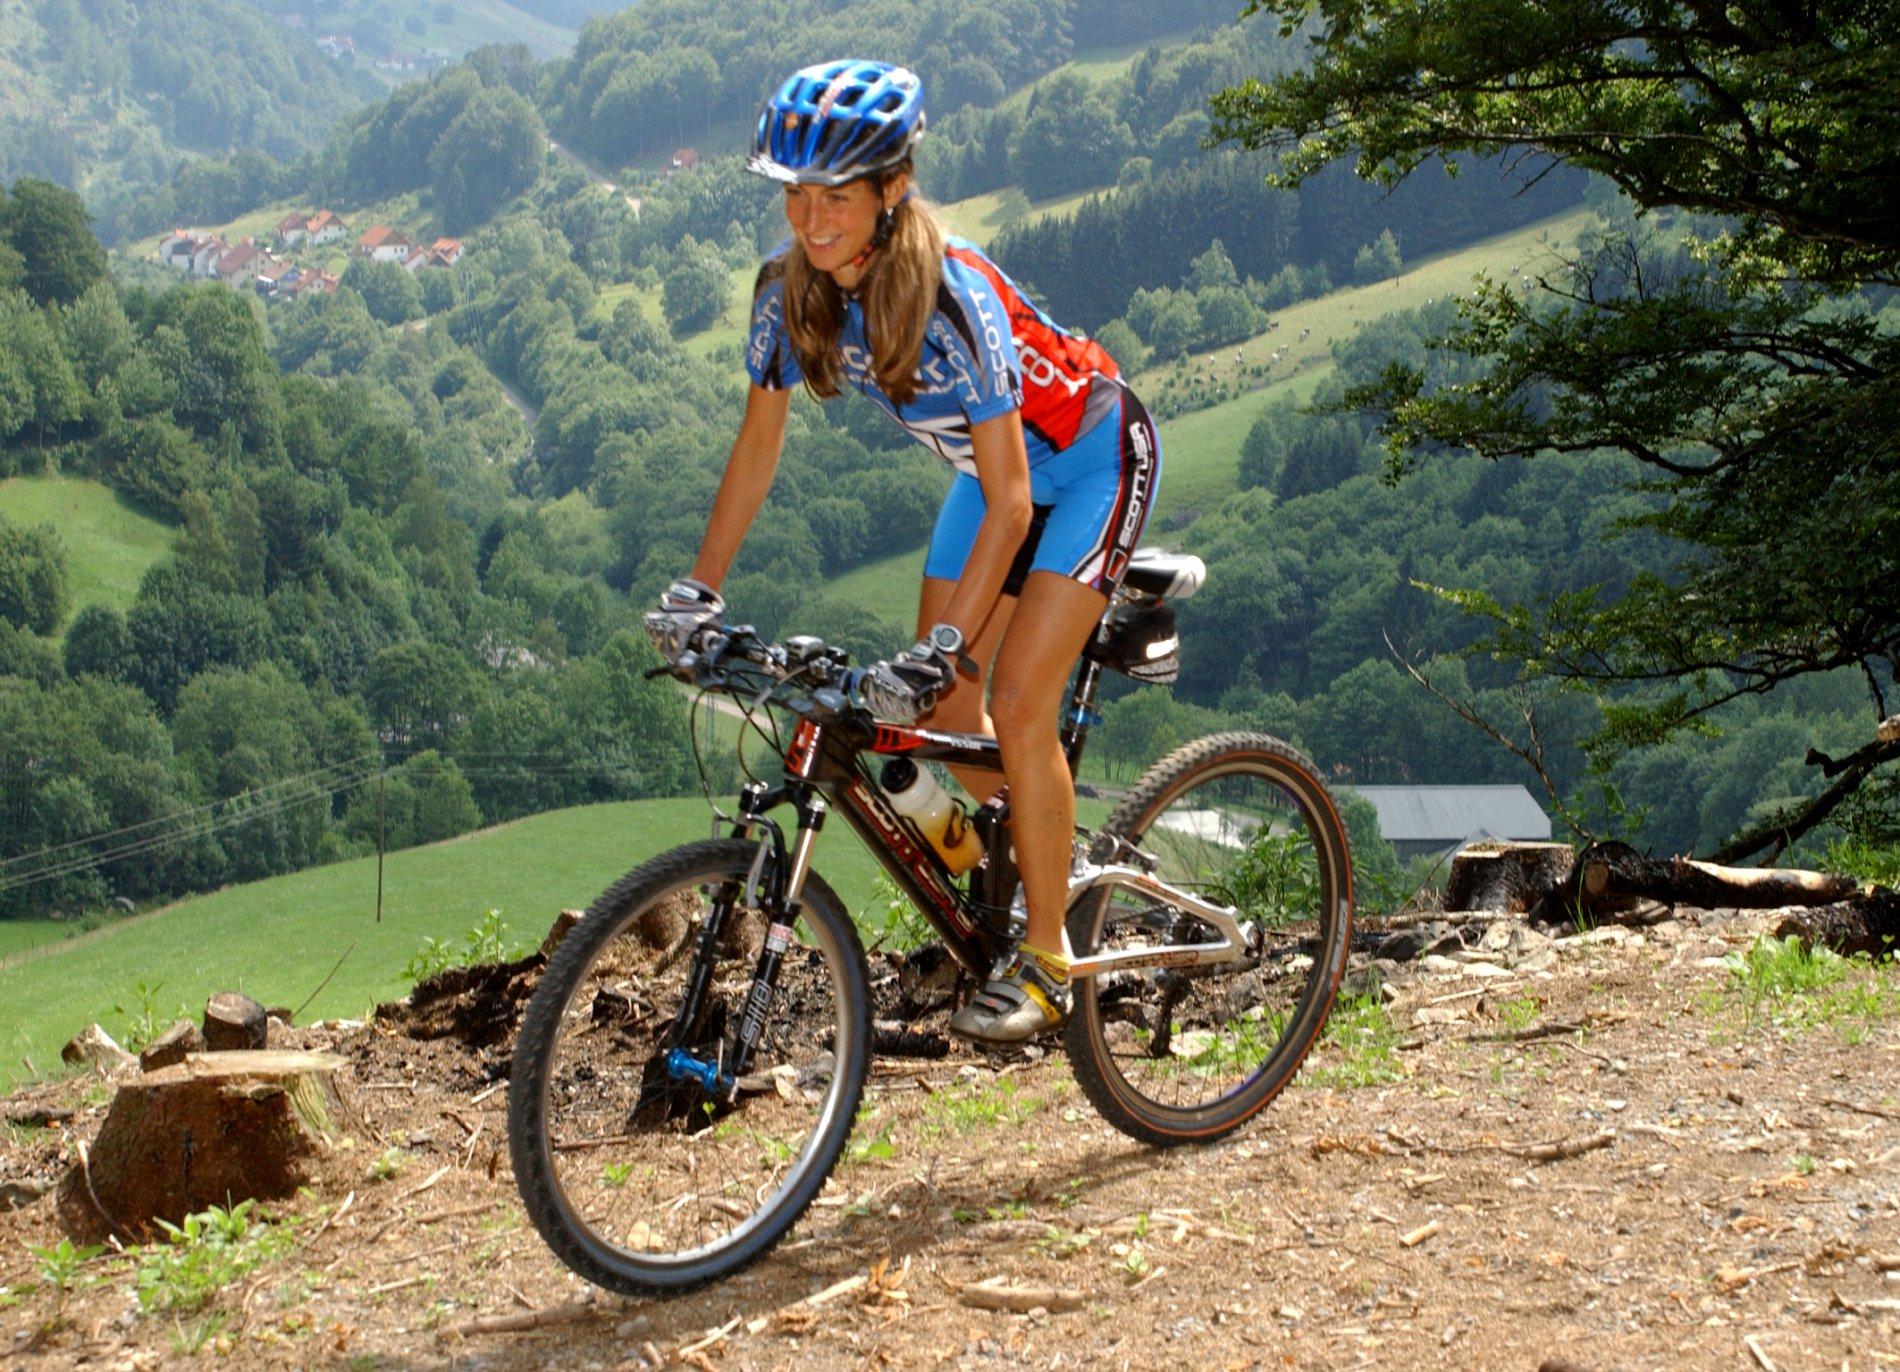 Biken in der Bergwelt Todtnau